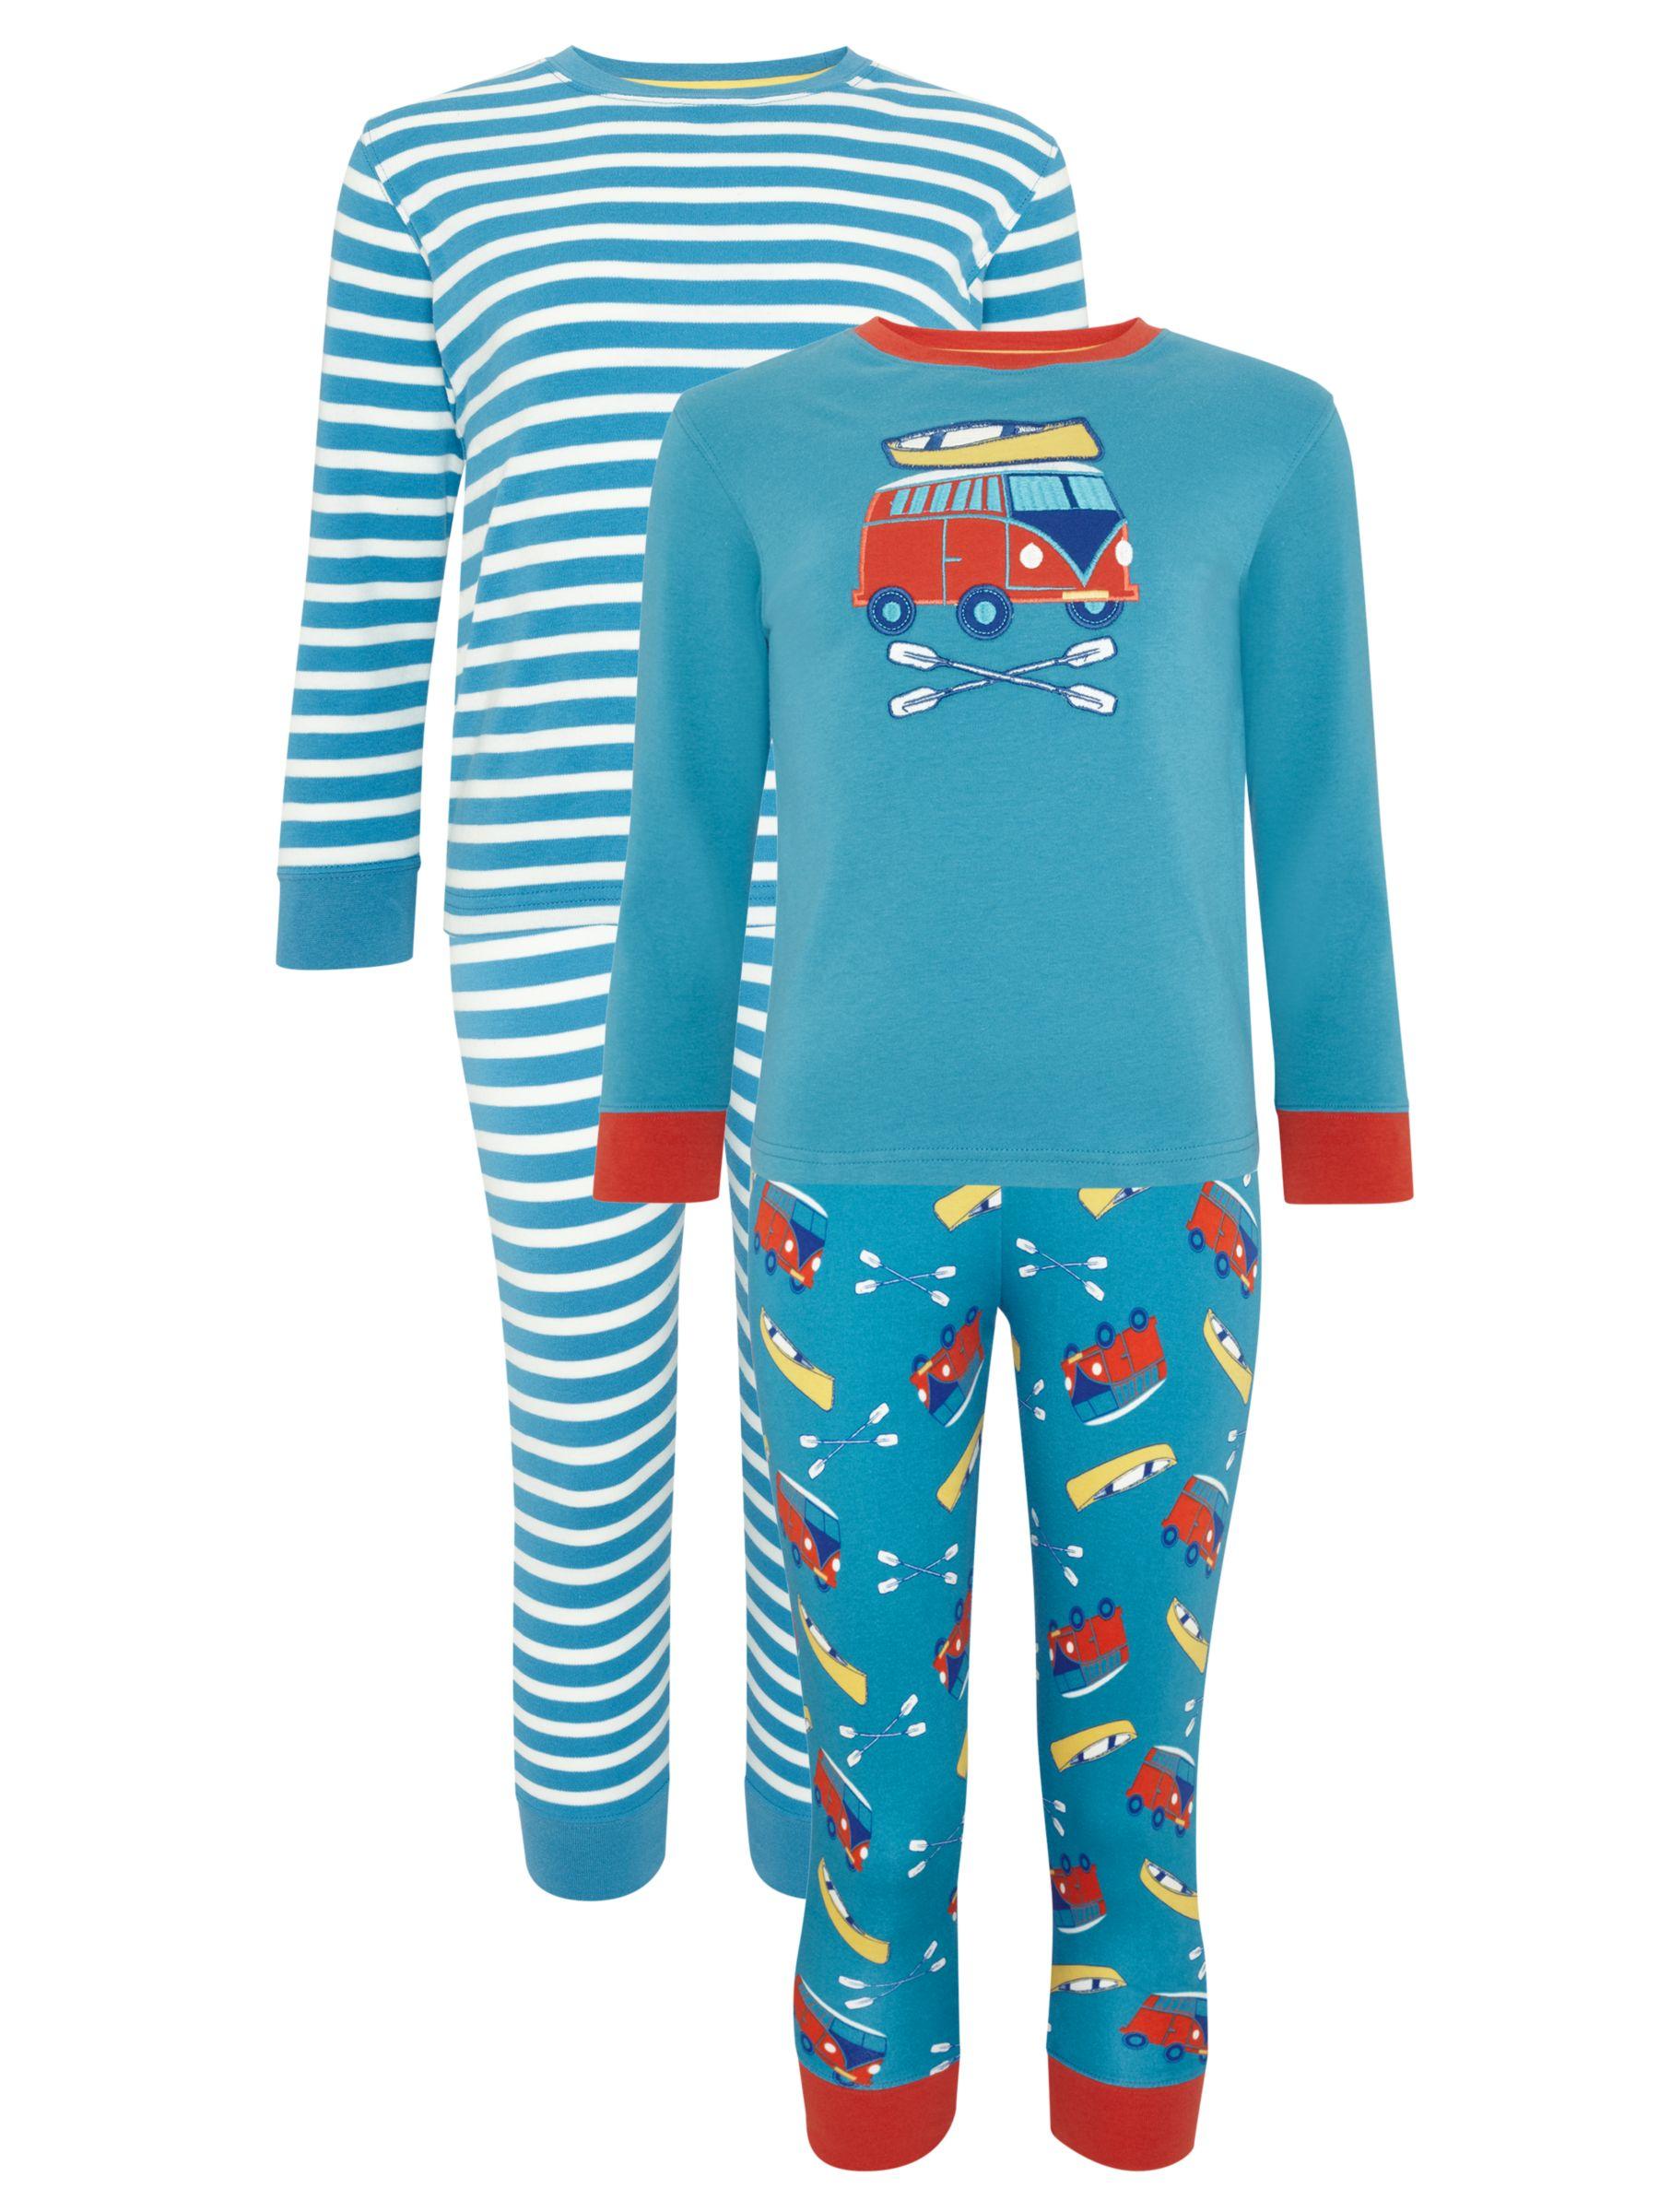 John Lewis Boy Camper Van Print Pyjamas, Pack of 2, Blue/Red